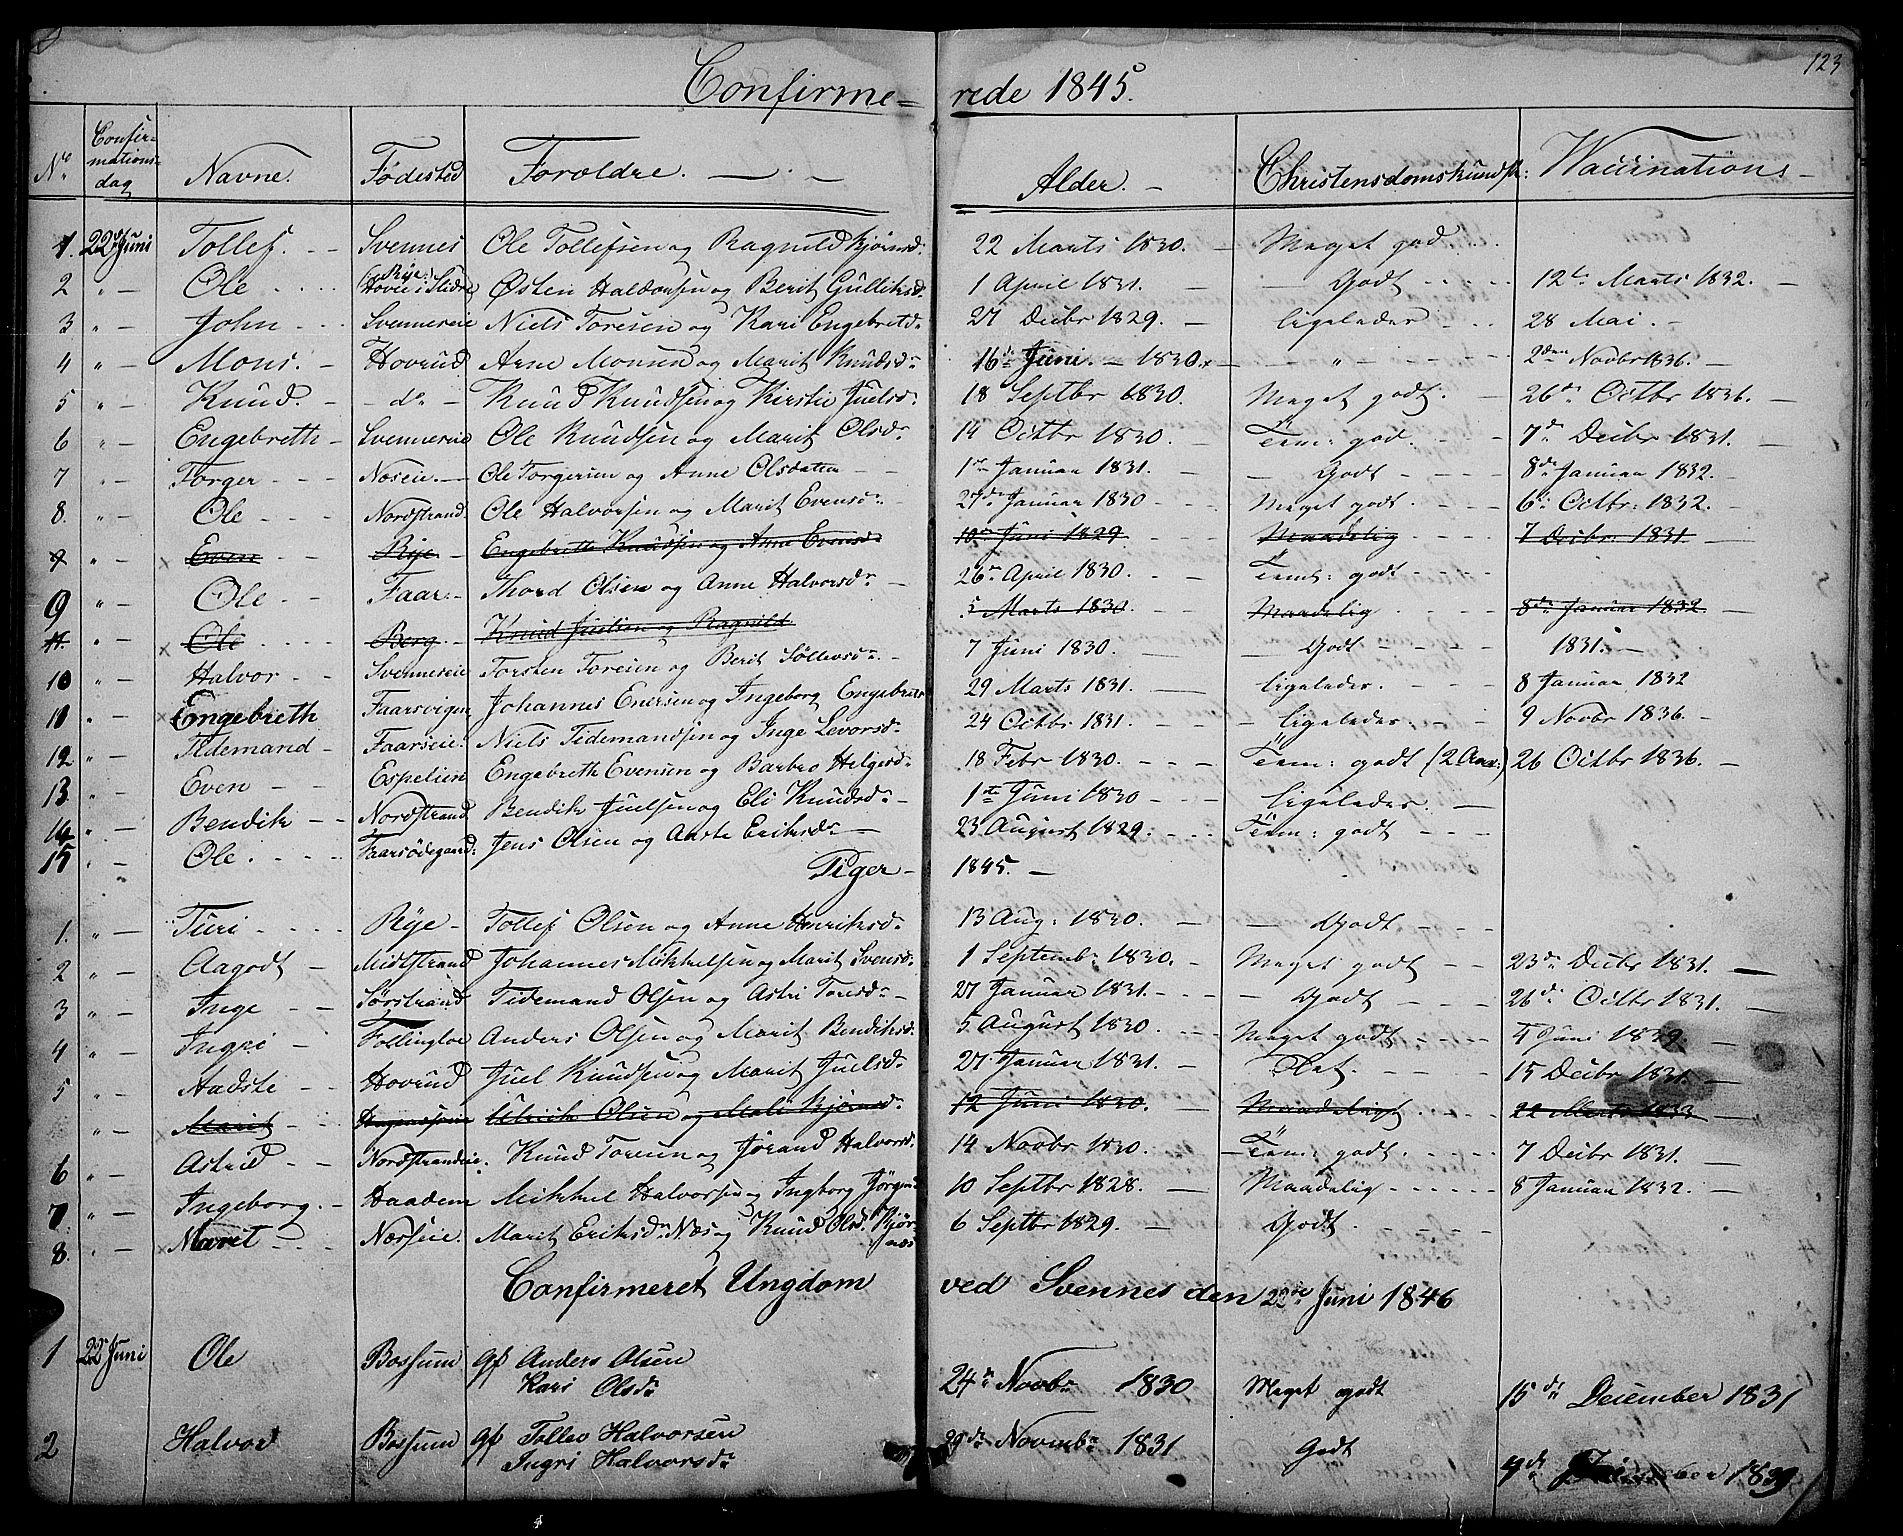 SAH, Nord-Aurdal prestekontor, Klokkerbok nr. 3, 1842-1882, s. 123